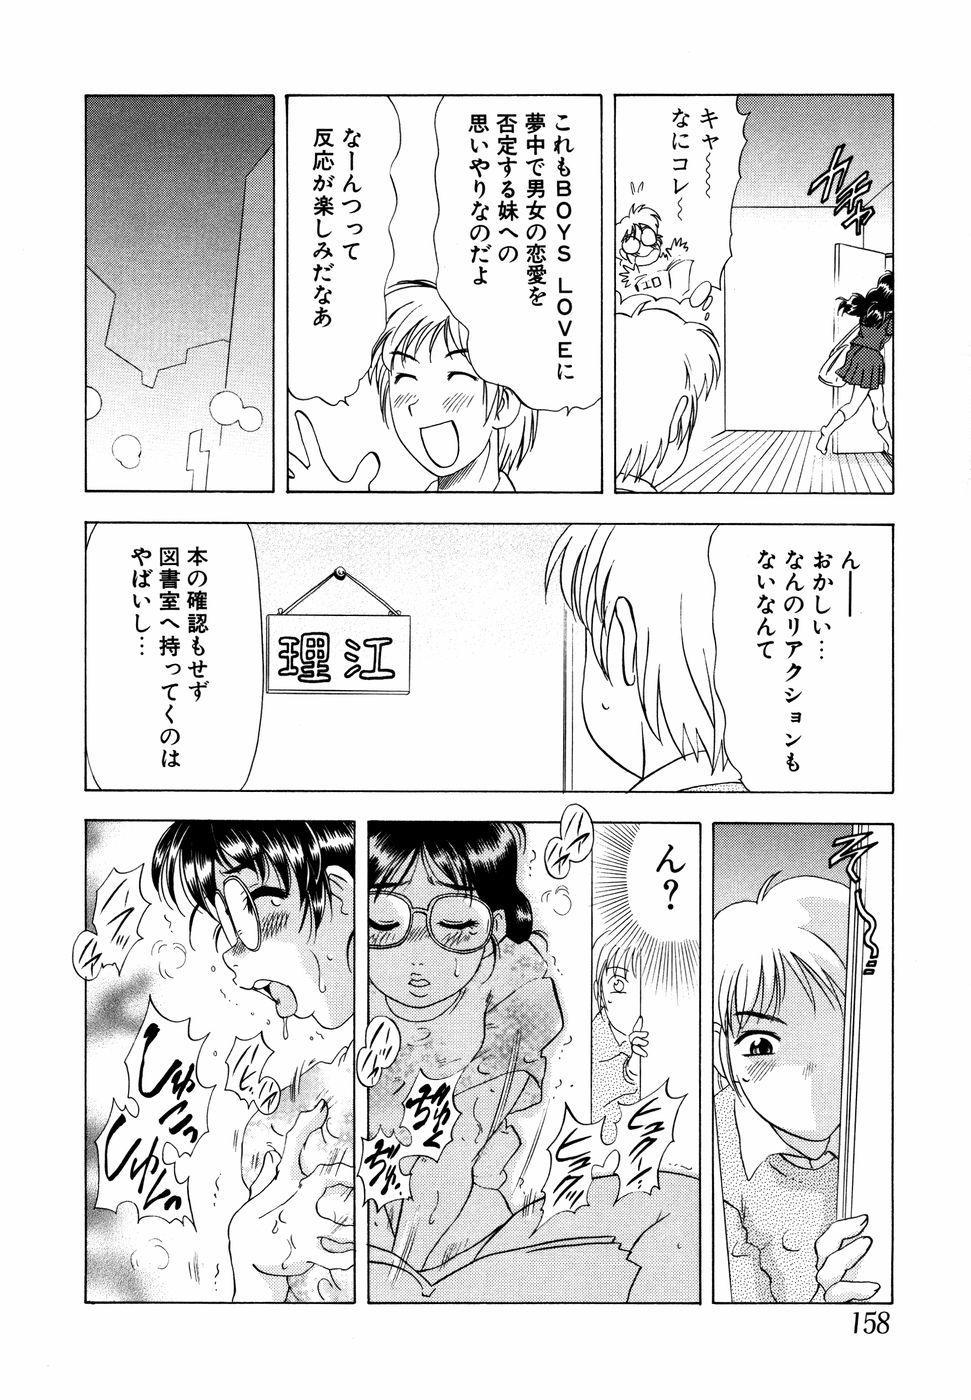 Megane Imouto Ryoujoku 158